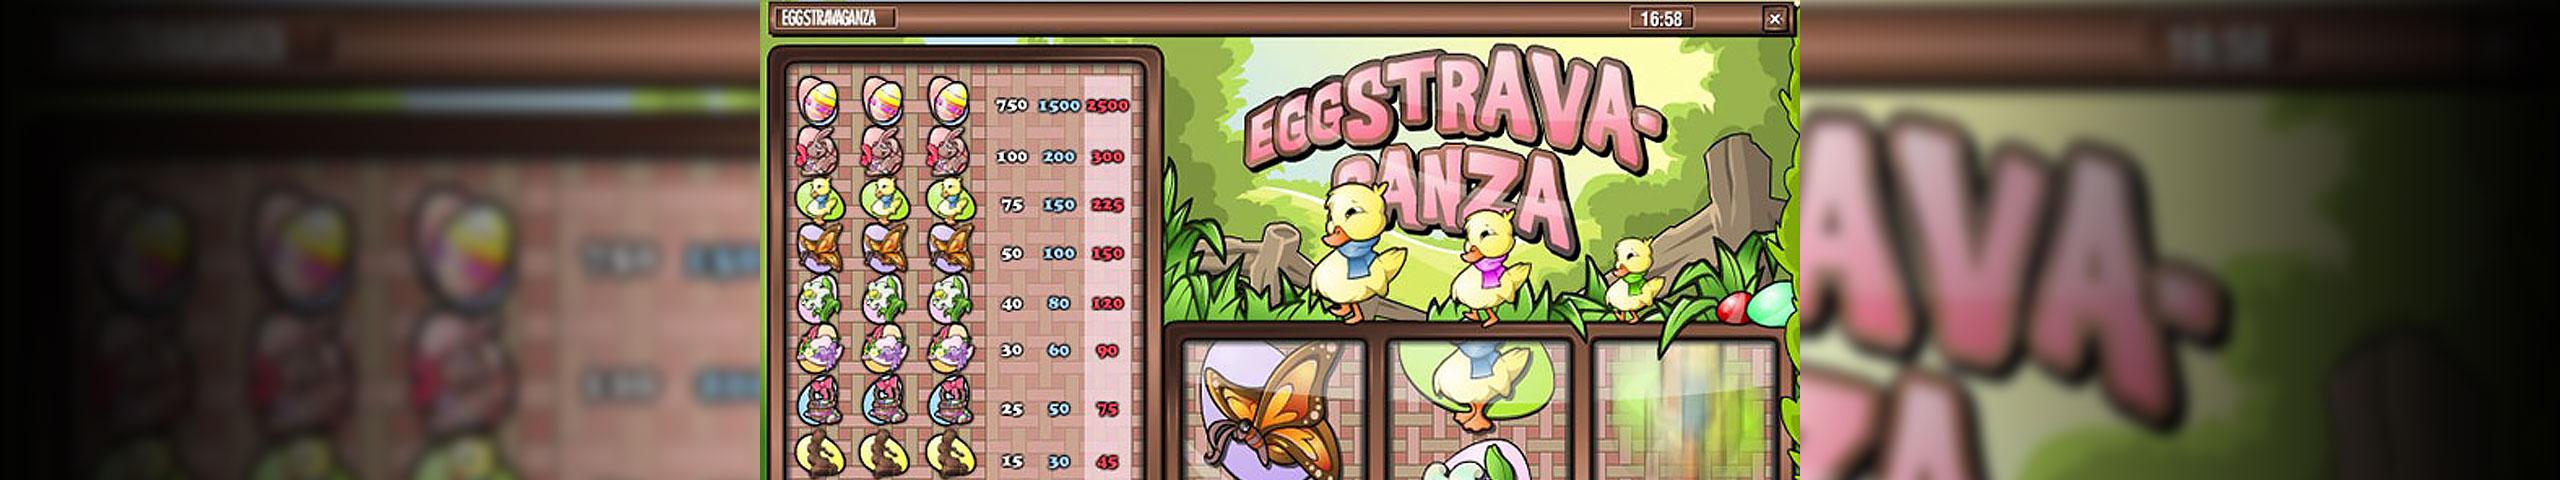 Spelautomater Eggstravaganza, Rival Slider - Wyrmspel.com